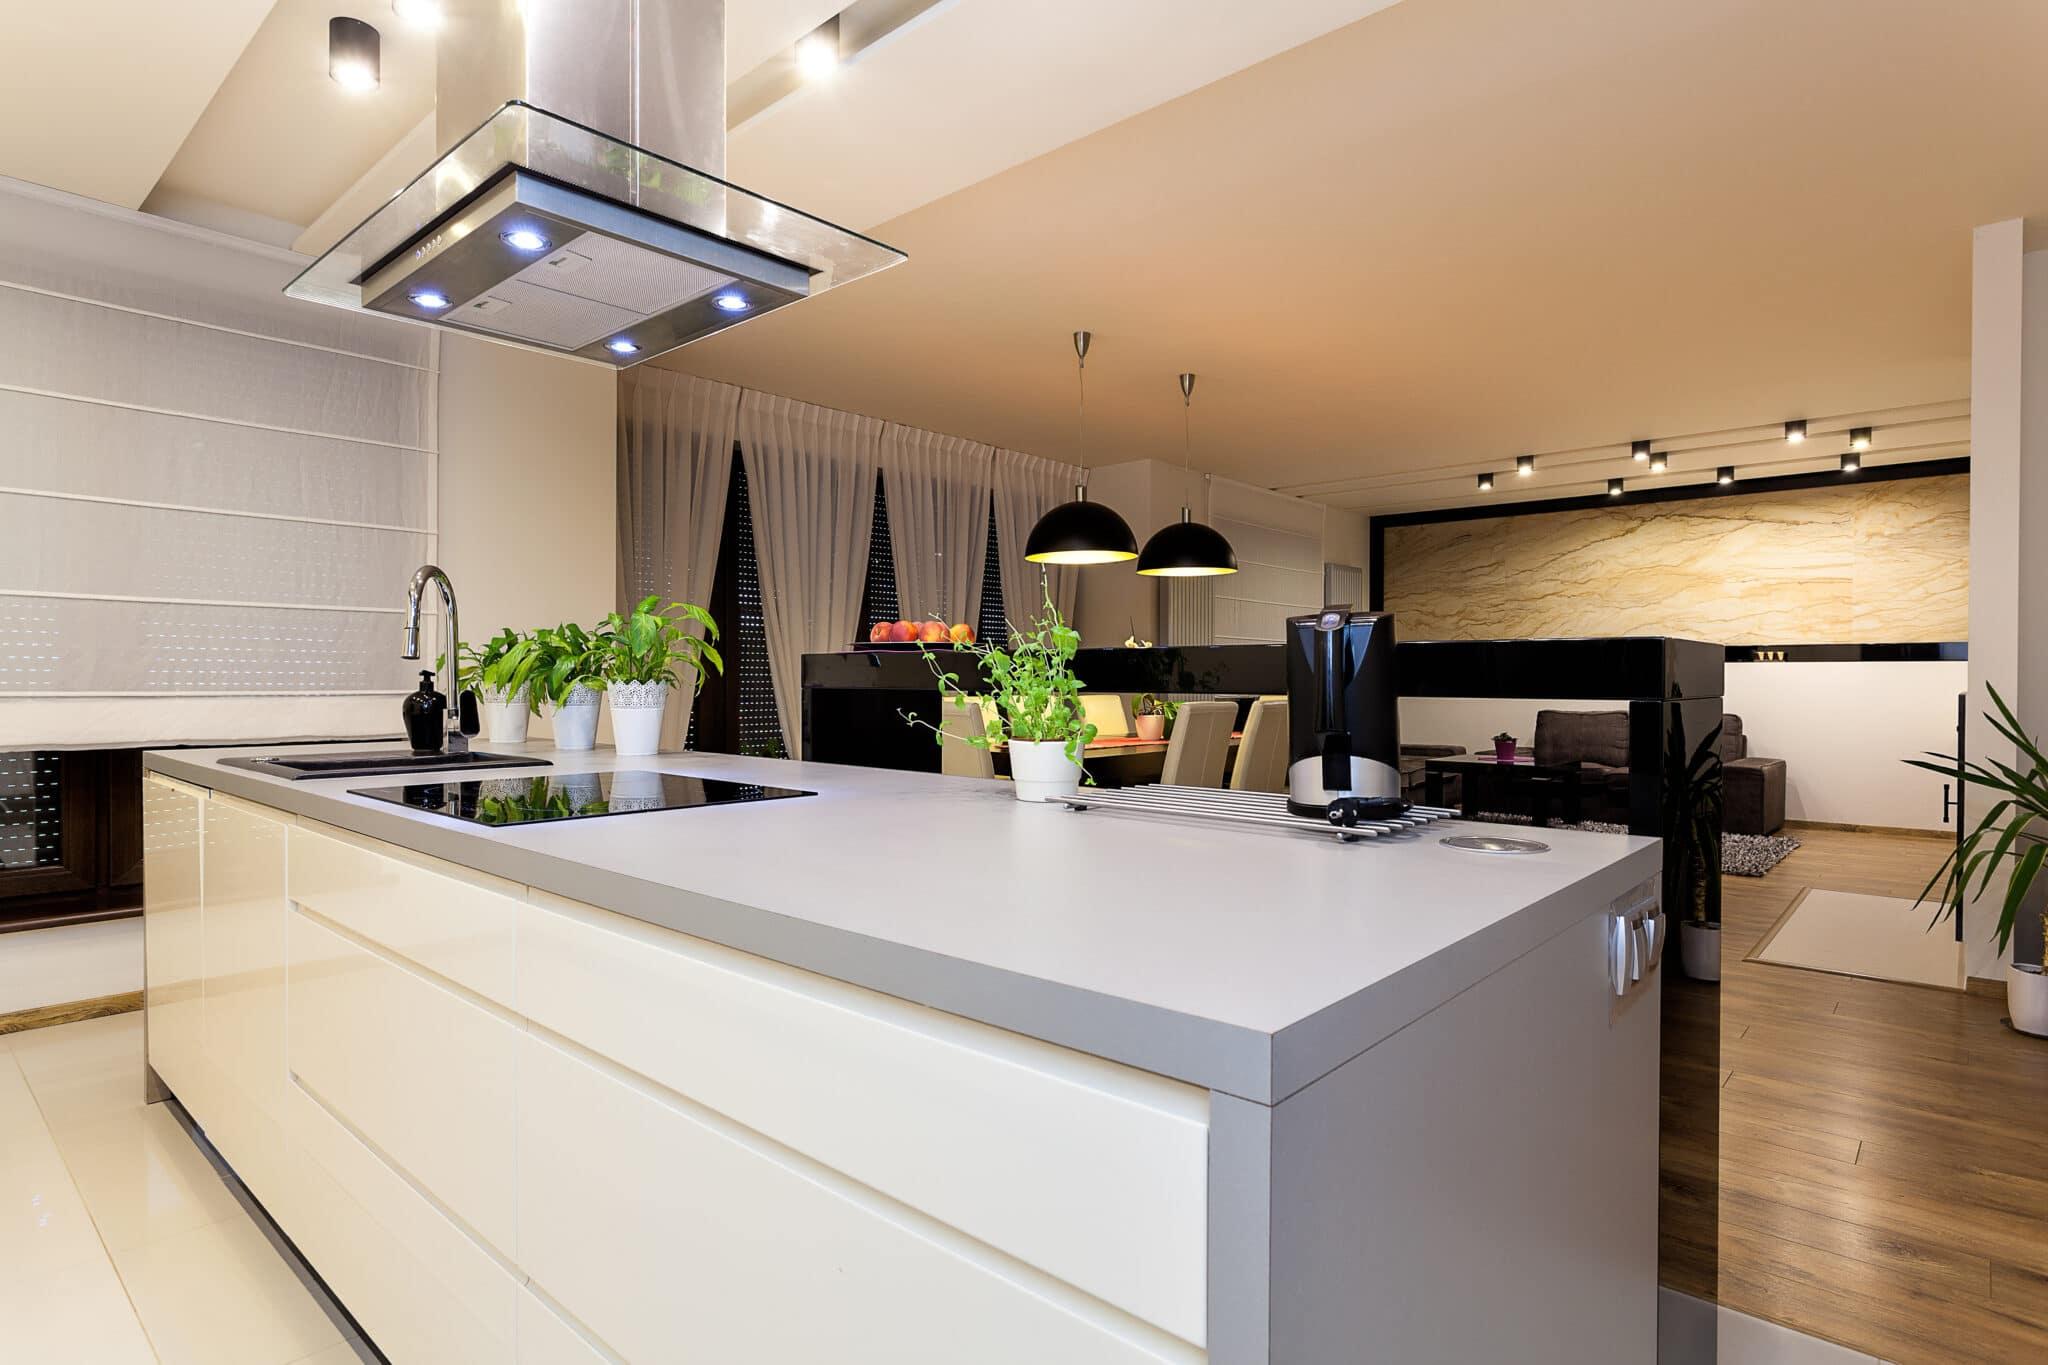 מטבחים מעץ חברות שמשווקות כיורים יוקרתיים למטבחים מהירים עם מקצועיות ומיומנות ועם הרבה מוטיבציה שיודעים לתת מענה ולתקן בעיות בשטח באופן מהיר במקביל להפעלת המקרר והתנור ללקוח במטבח שלו